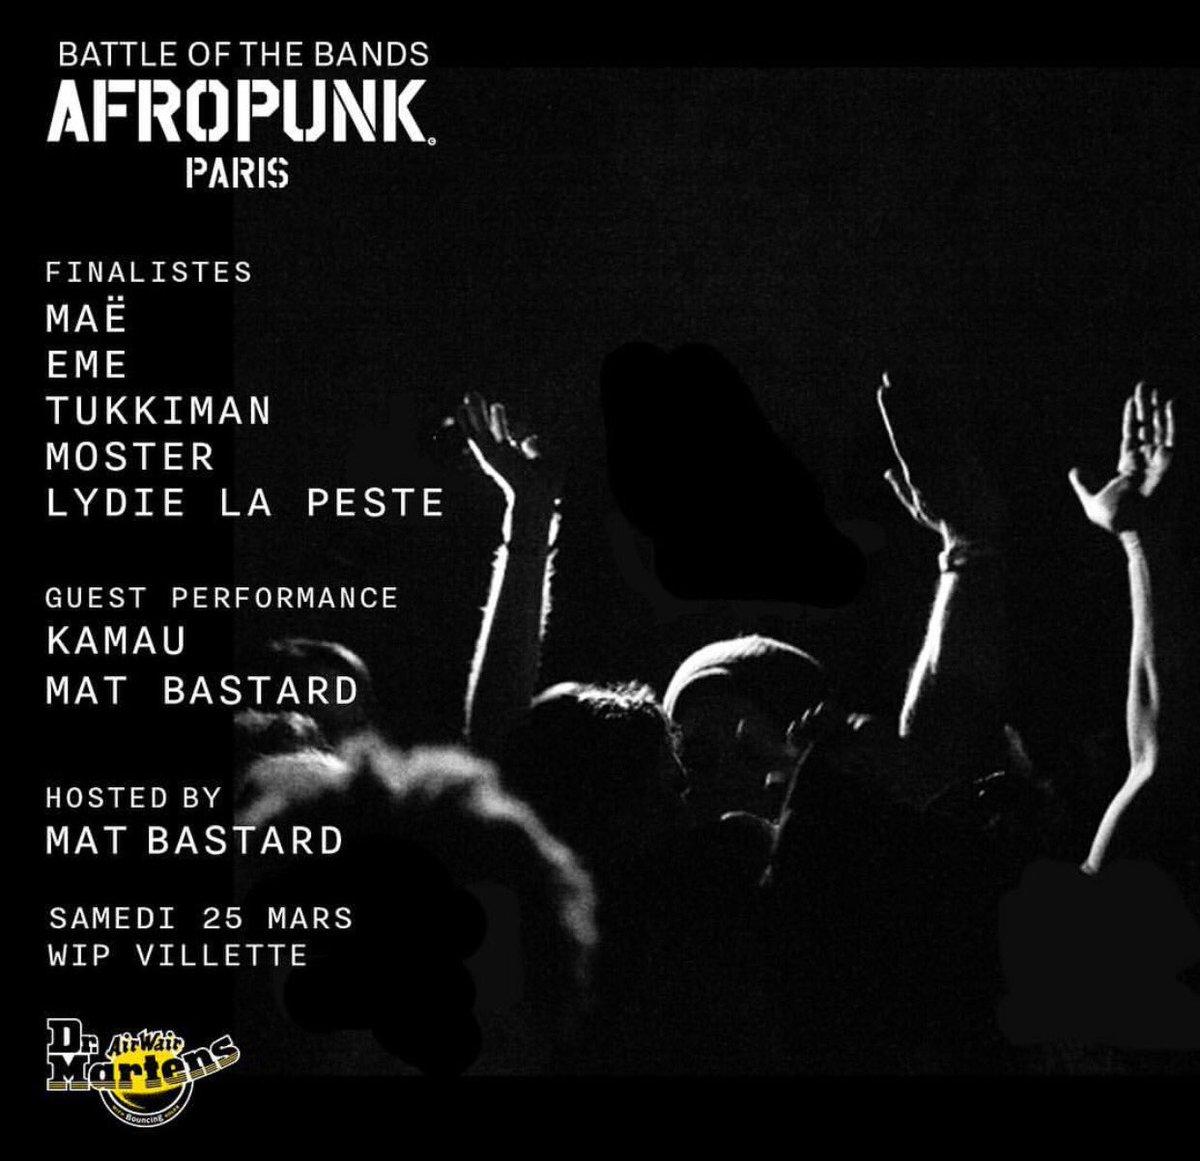 [ @afropunk ] On se retrouve demain au WIP VILLETTE pour un showcase en formation spéciale, dès 18h30... #electro #hiphop #live #afropunk<br>http://pic.twitter.com/lndDIYSQMh